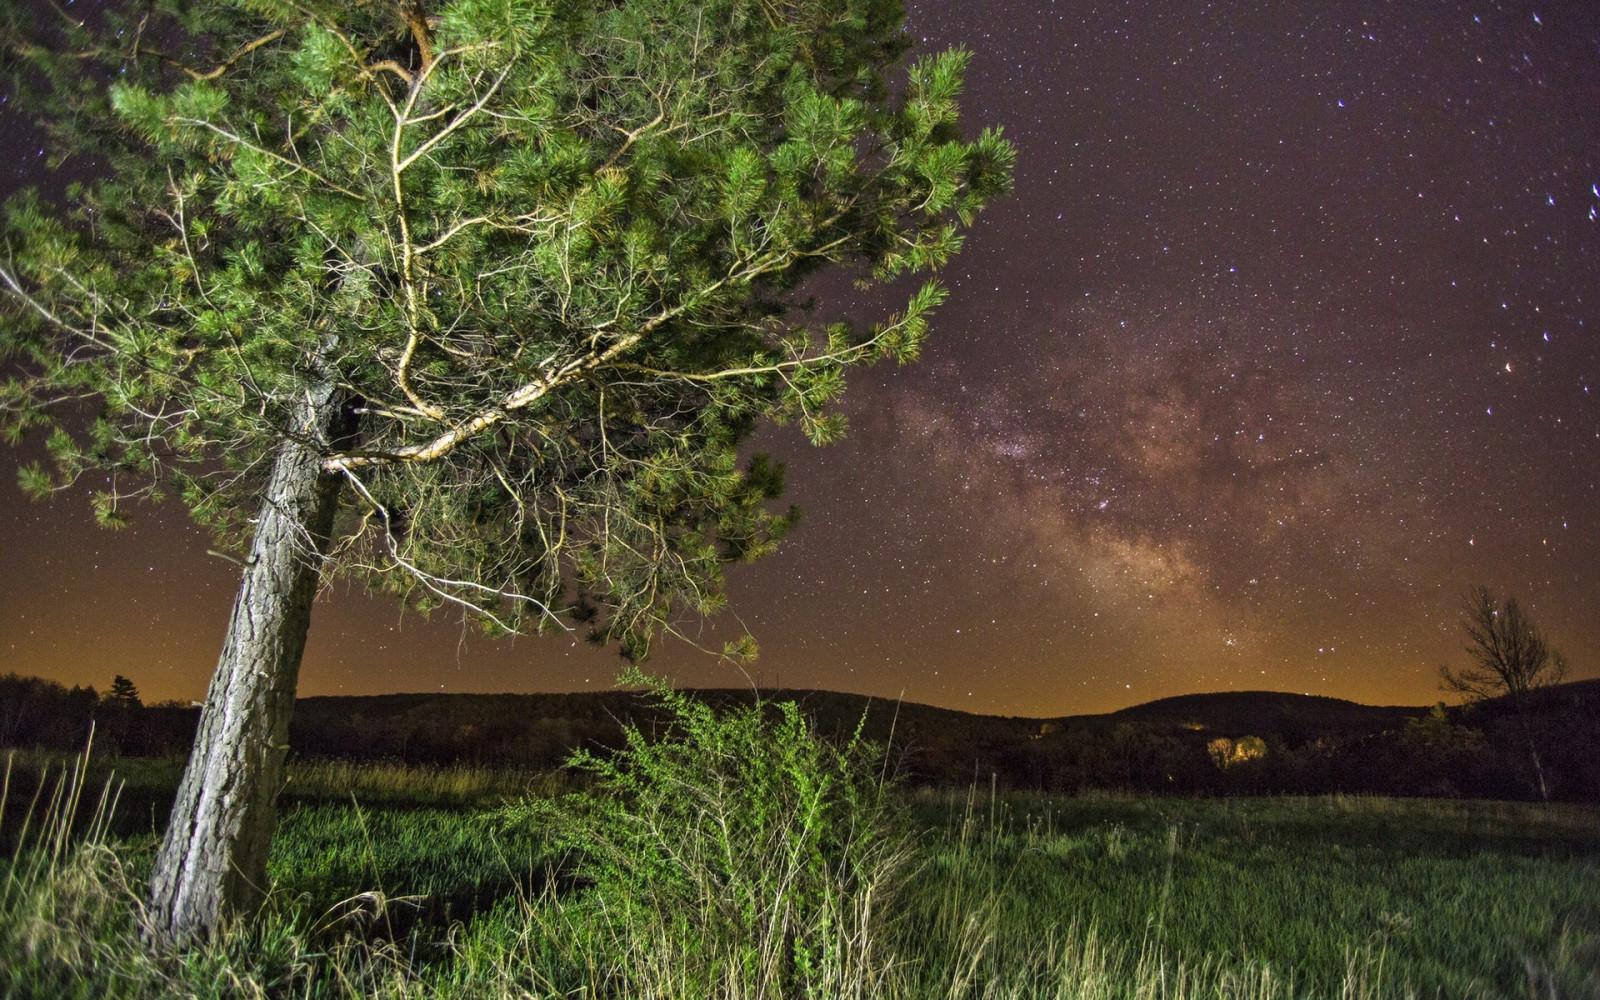 Картинки летняя ночь в лесу, папе днем